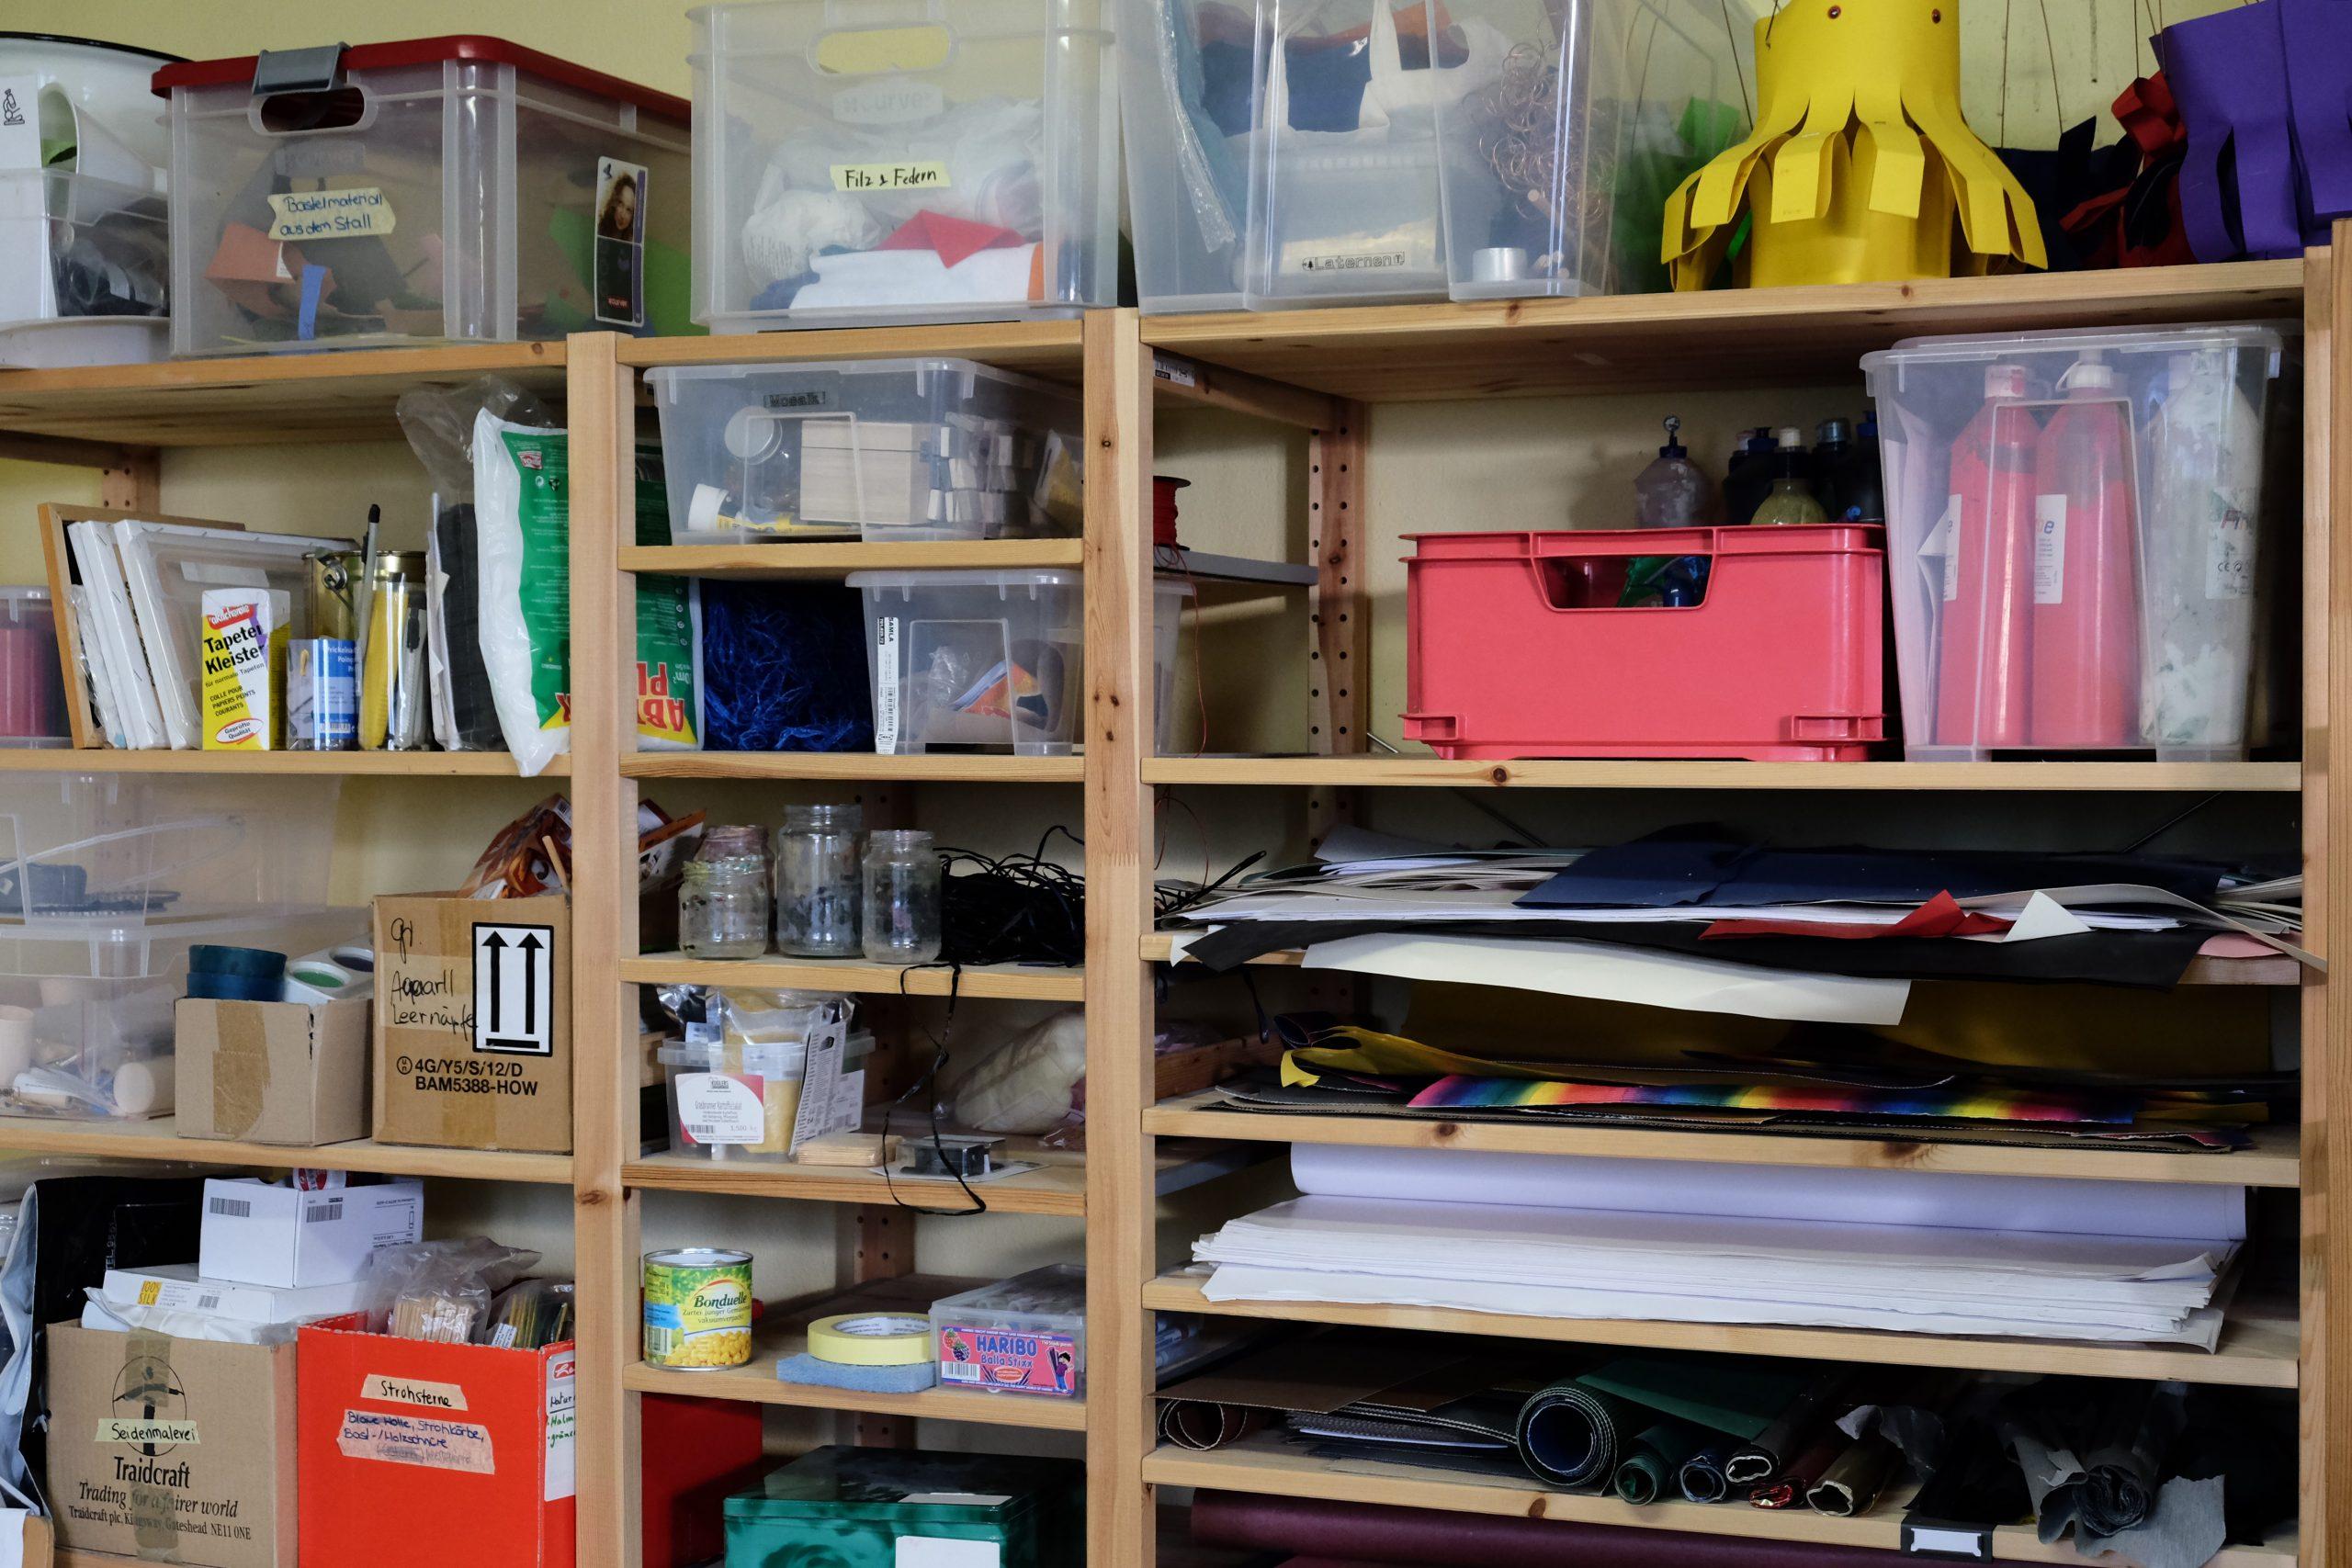 Holzregal befüllt mit Papier, Werkzeug, Bastel- und Mal-Utensilien